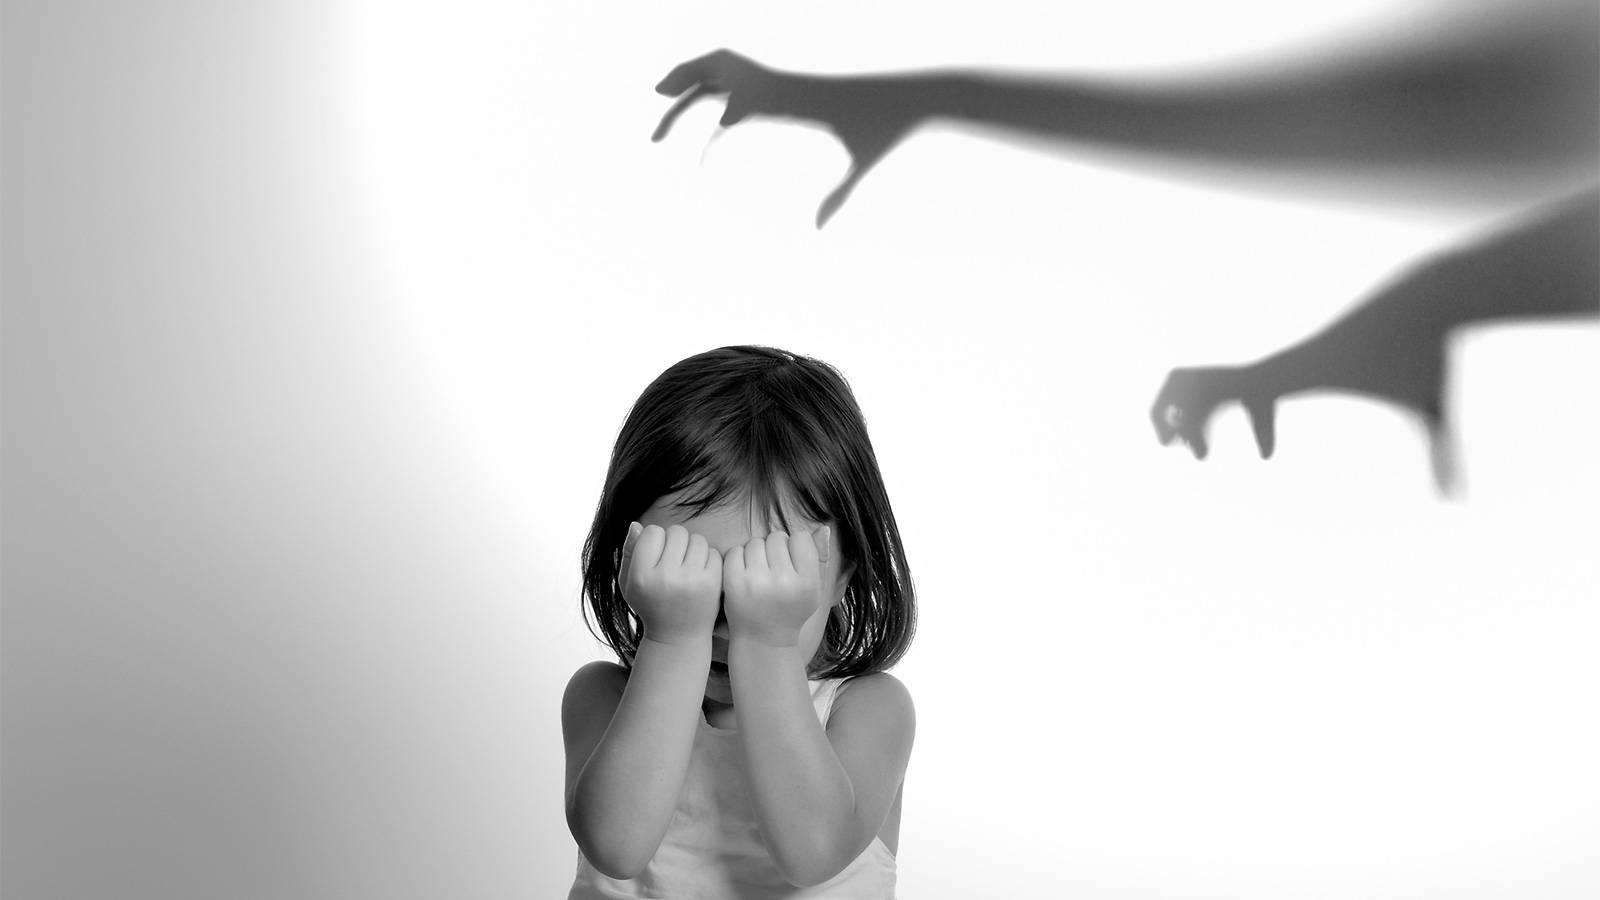 Gangguan Perkembangan Serius Penyebab Anak Terlambat Bicara